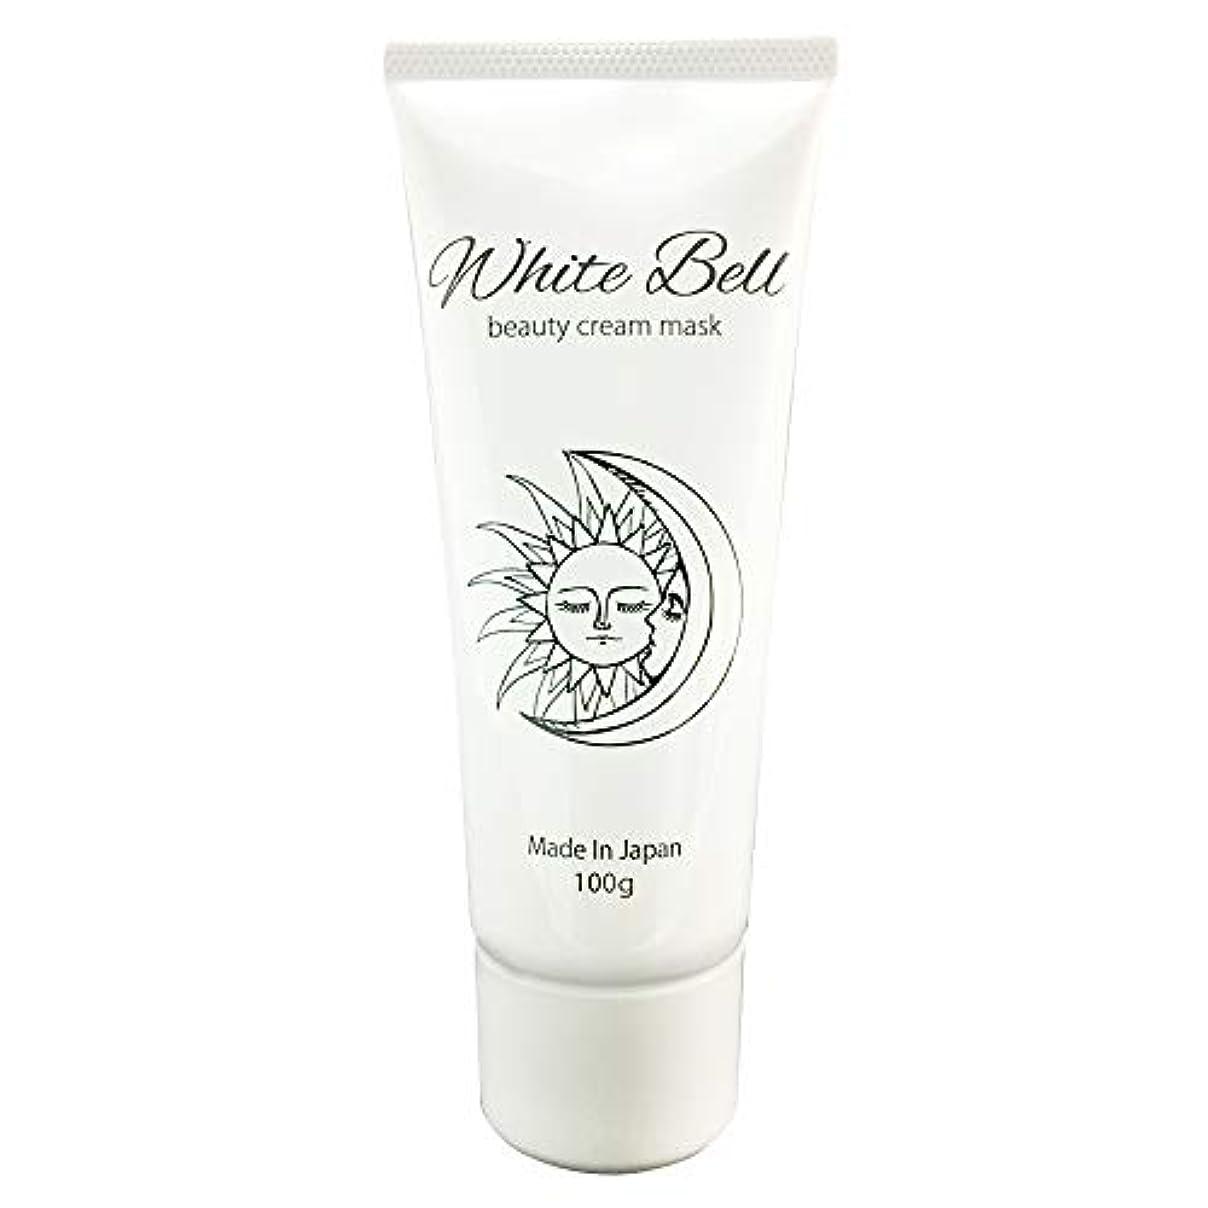 回路カッターボイラーWhite Bell (ホワイトベル) フェイスマスク ジェルマスク ホワイトニング 美白